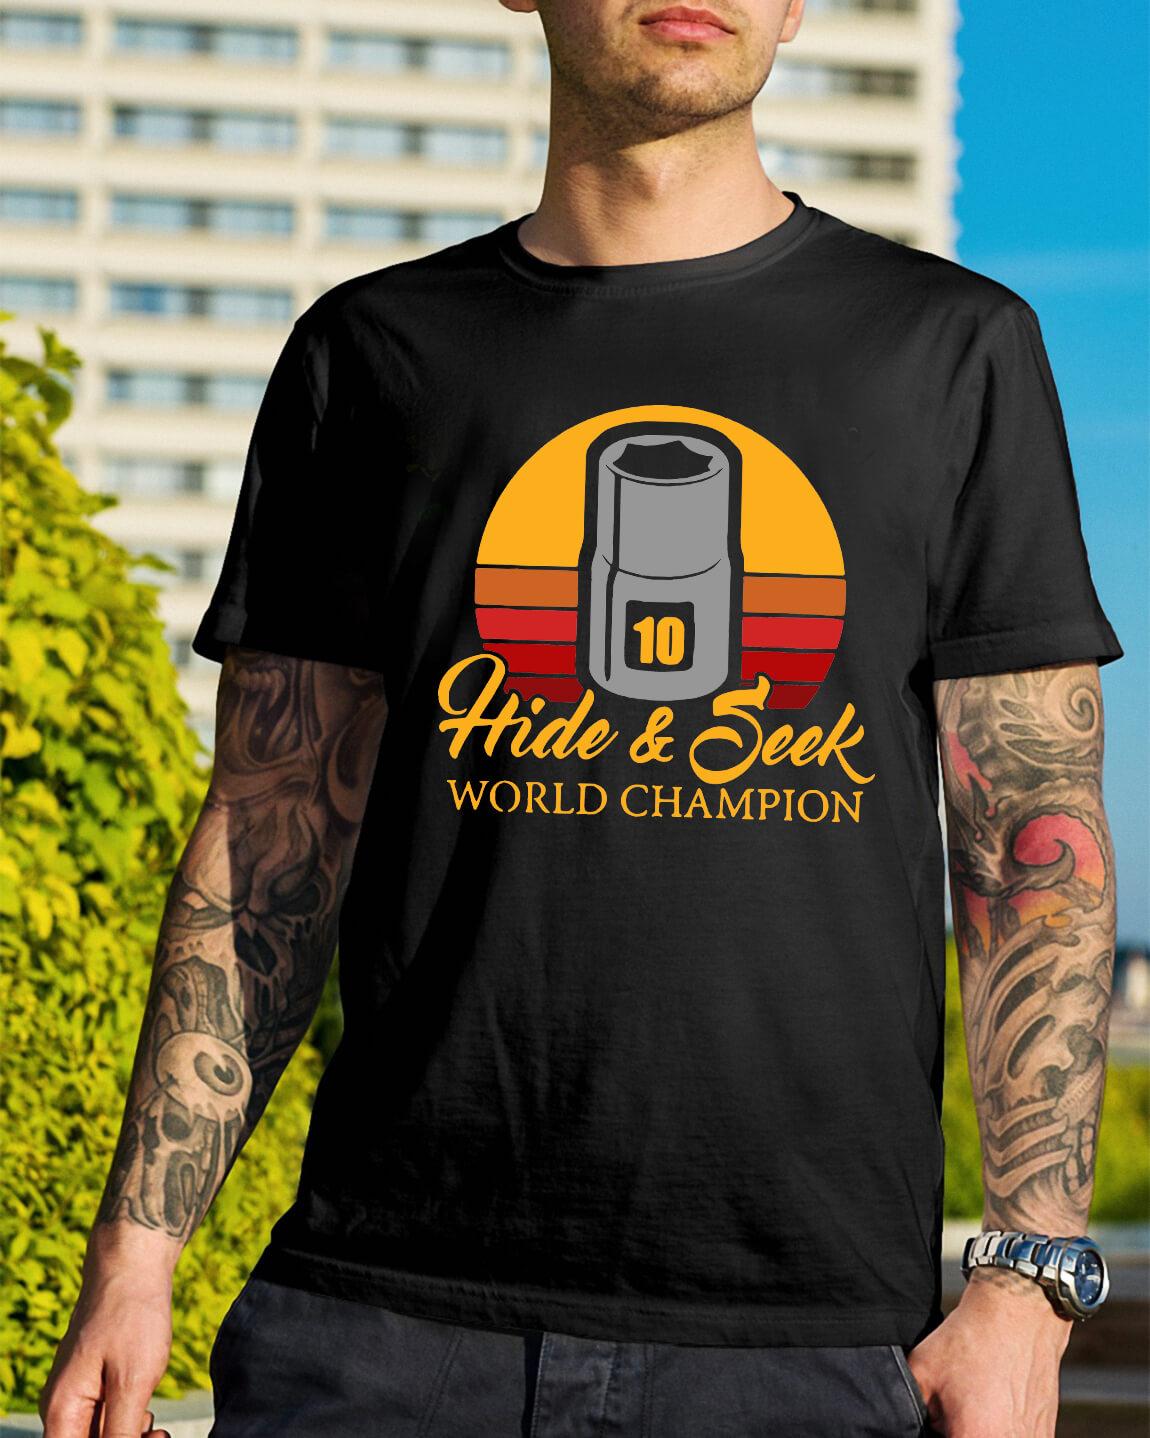 e3a297cec8d3 10mm sockets Hide and Seek world champion shirt, hoodie, sweater